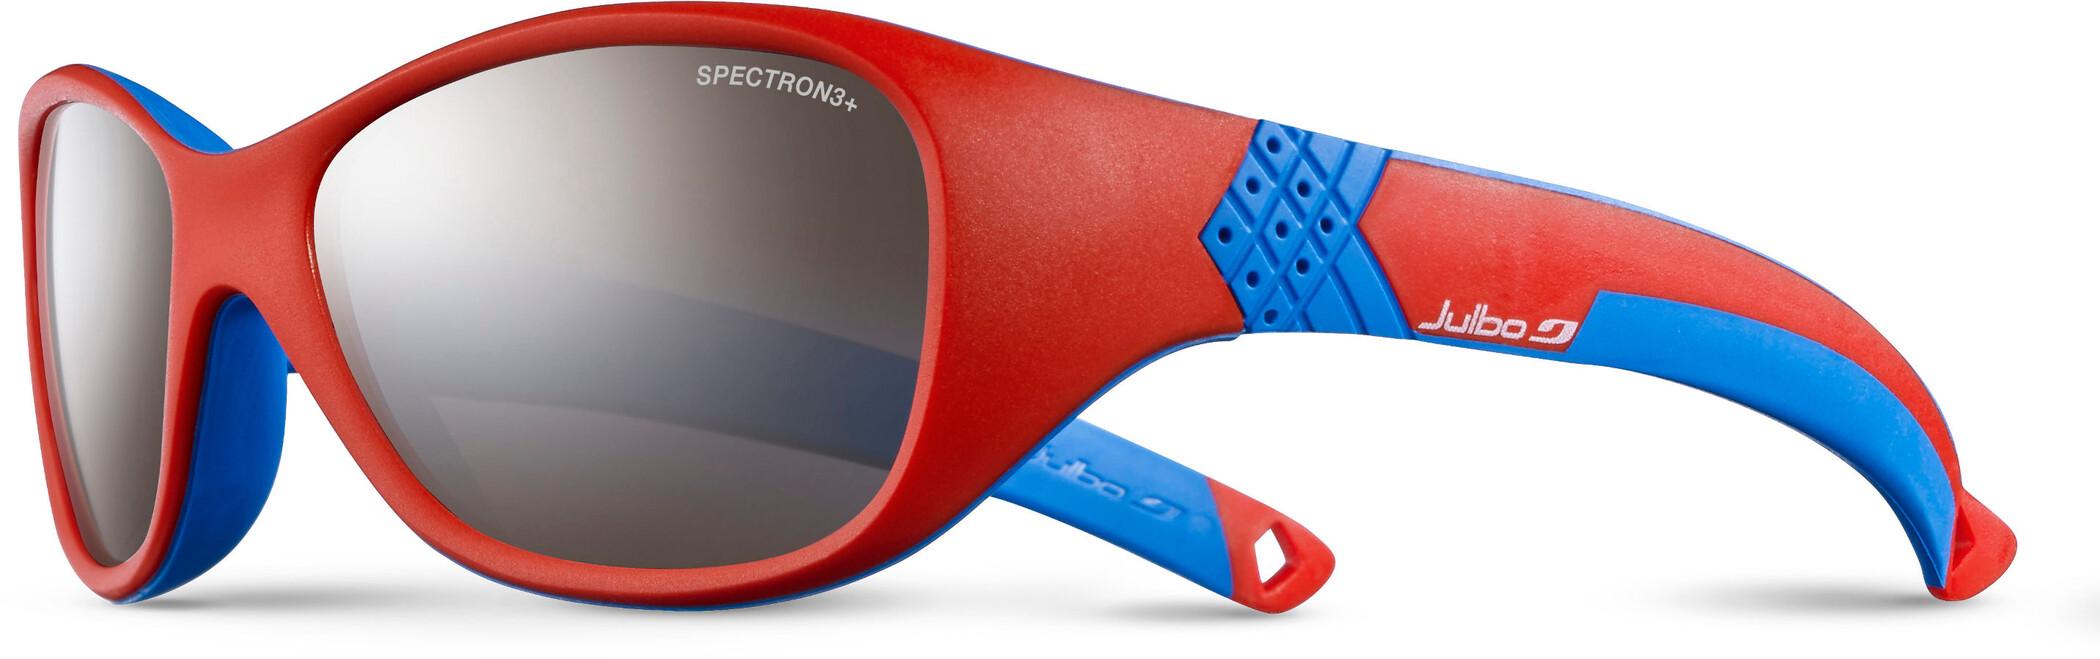 Julbo Solan Spectron 3+ Solbriller 4-6Y Børn, red/blue-gray flash silver | Briller